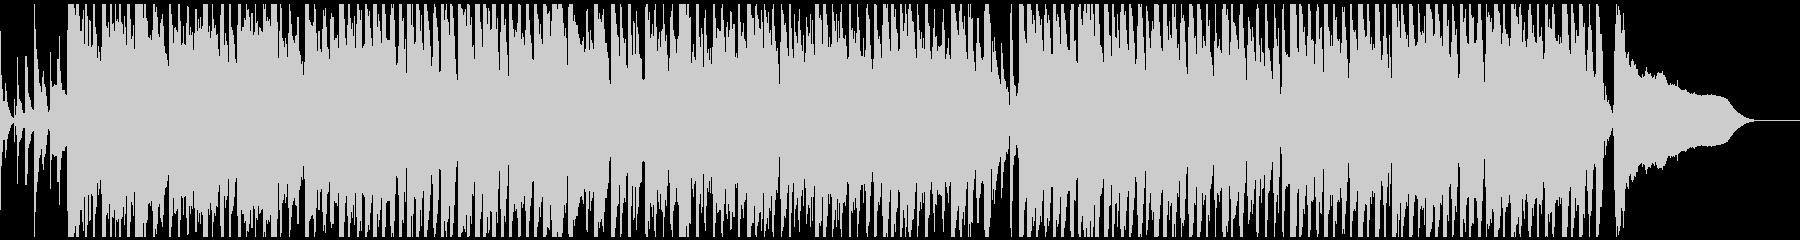 ほのぼの・コミカルなBGMの未再生の波形